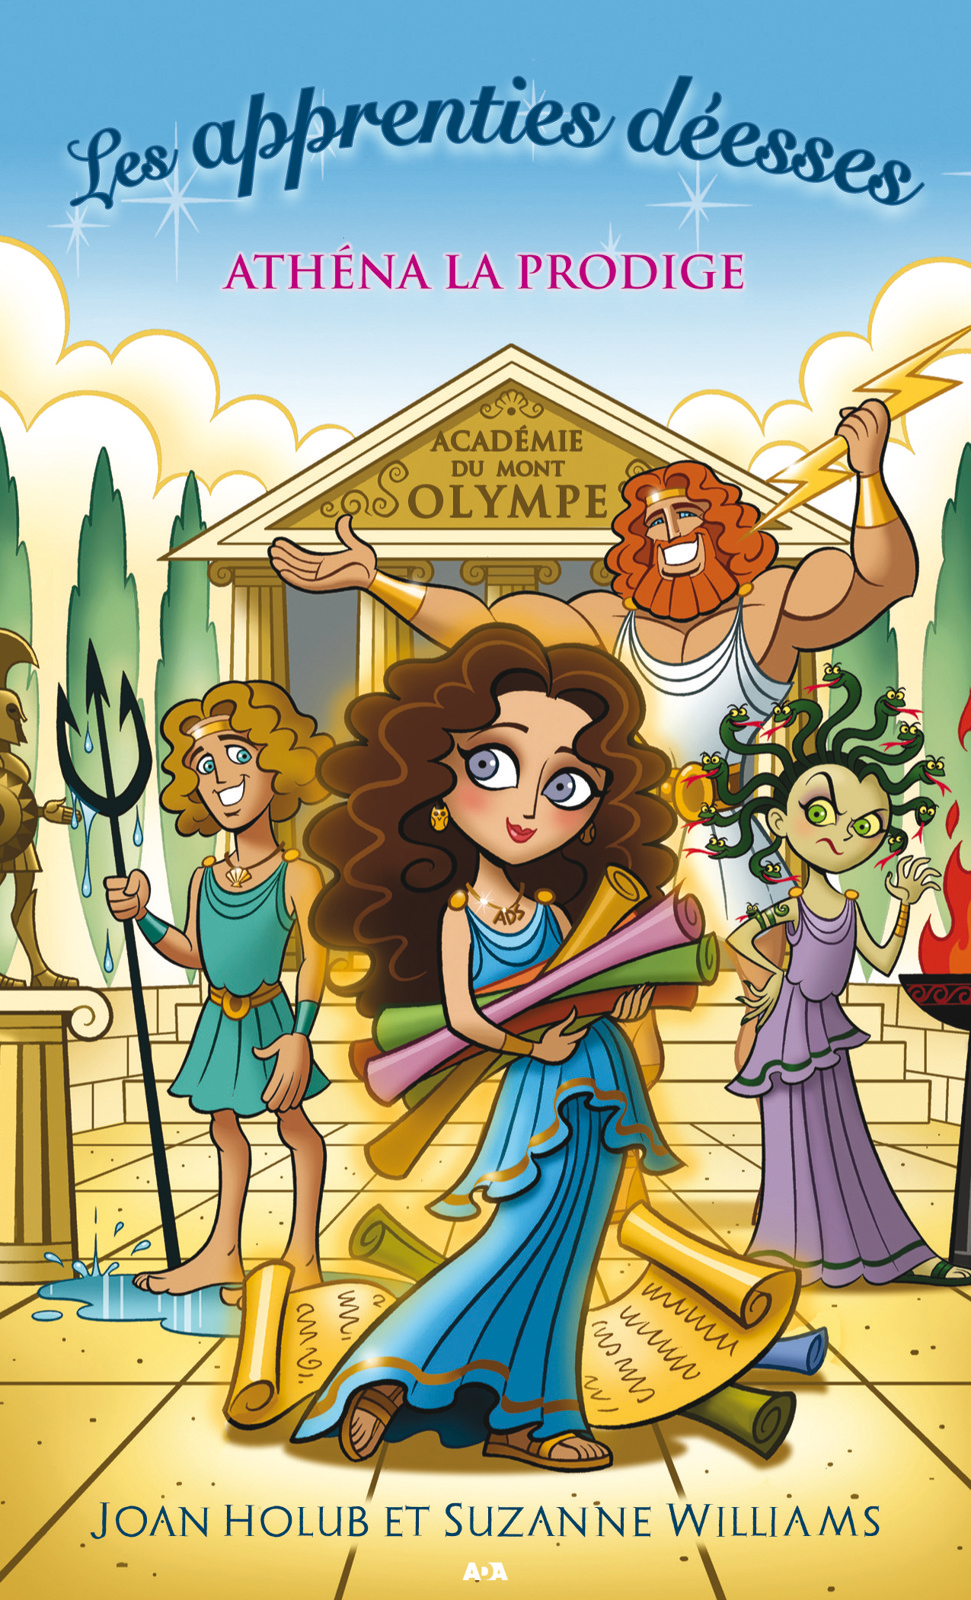 Les apprenties déesses